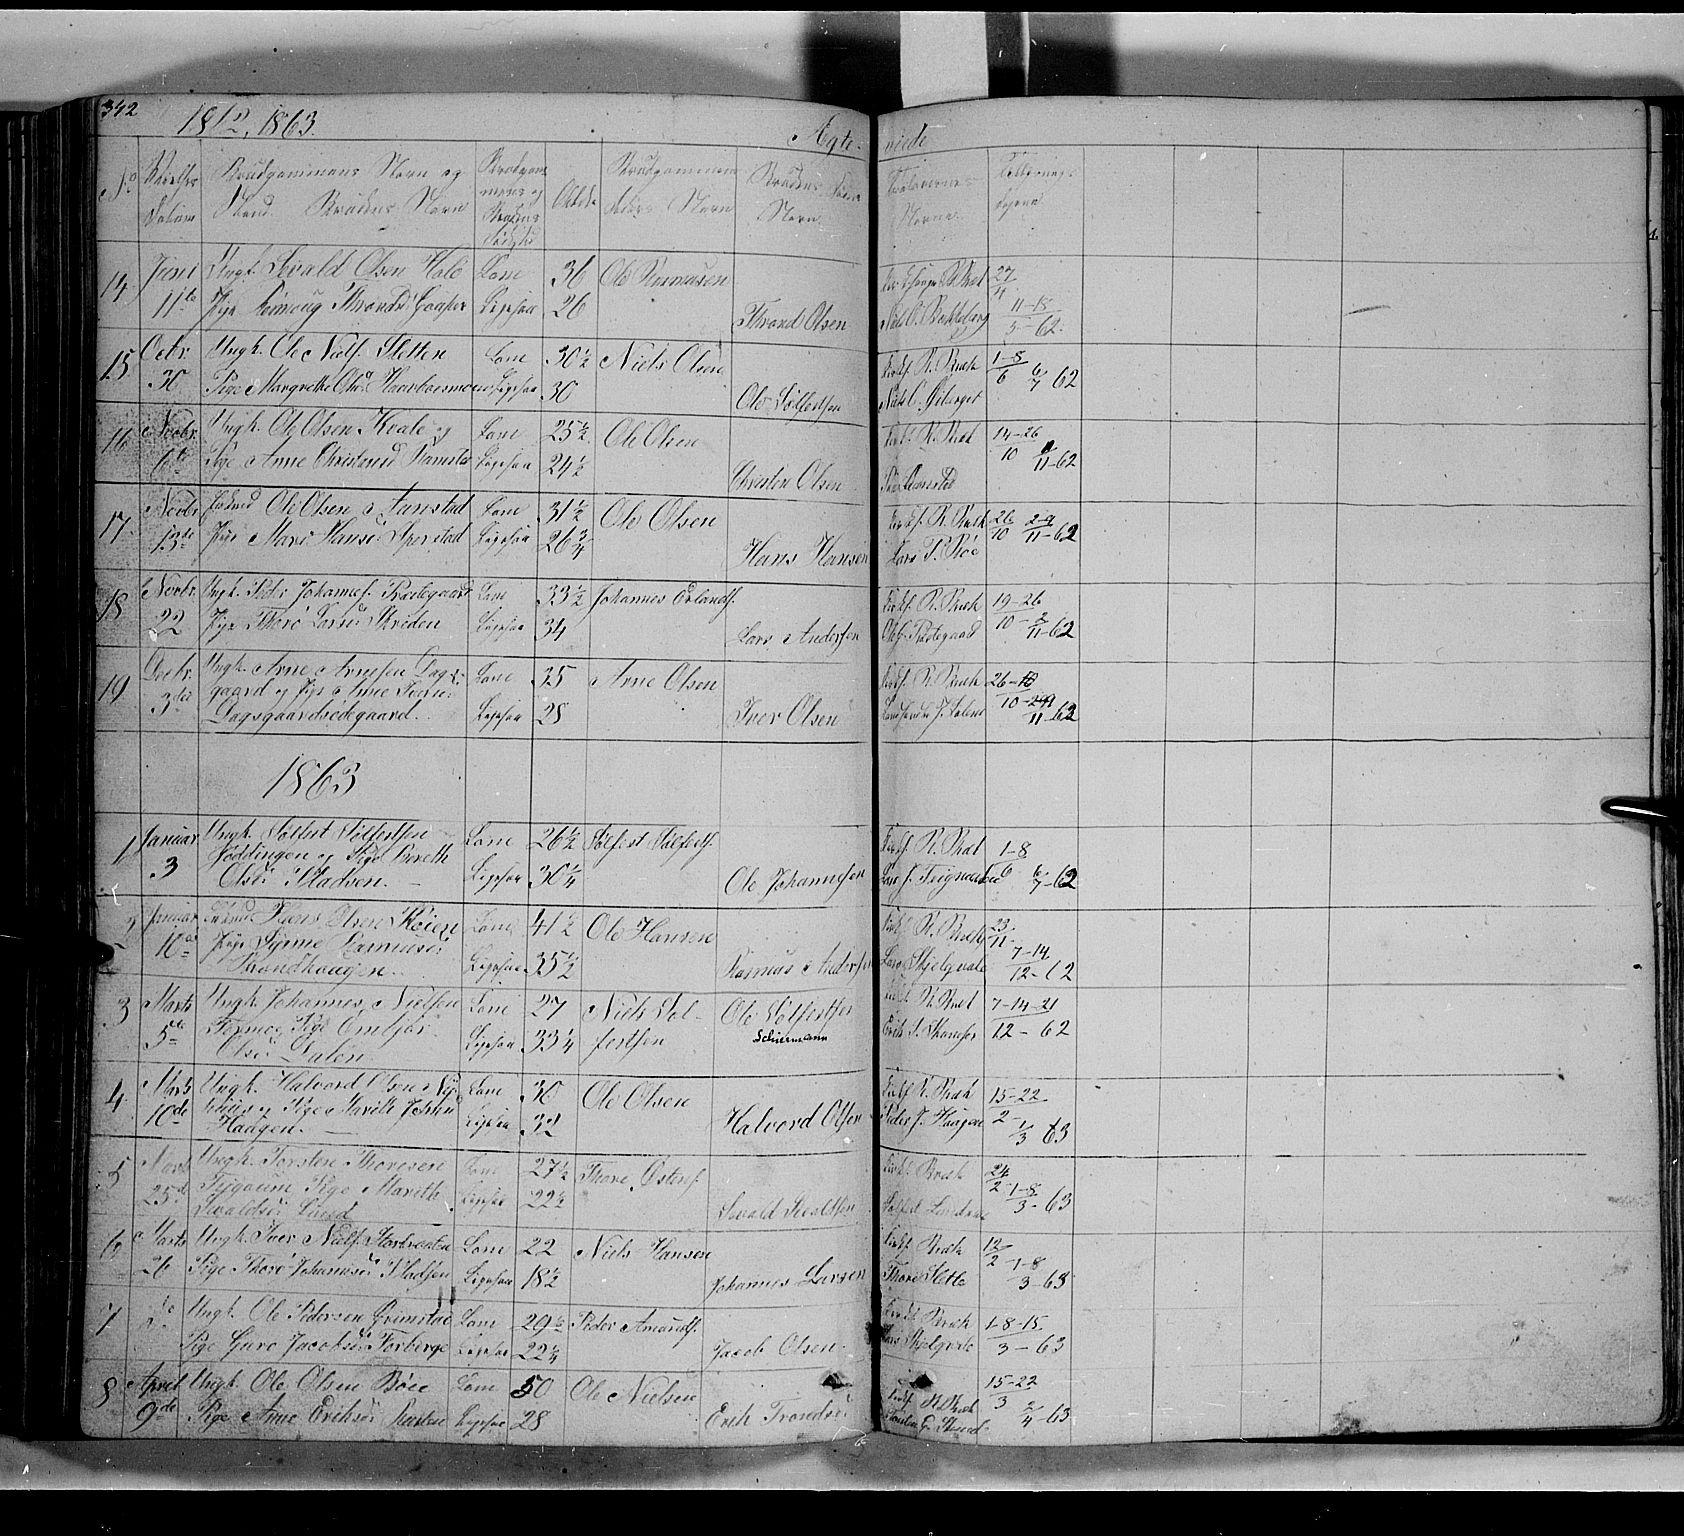 SAH, Lom prestekontor, L/L0004: Klokkerbok nr. 4, 1845-1864, s. 342-343